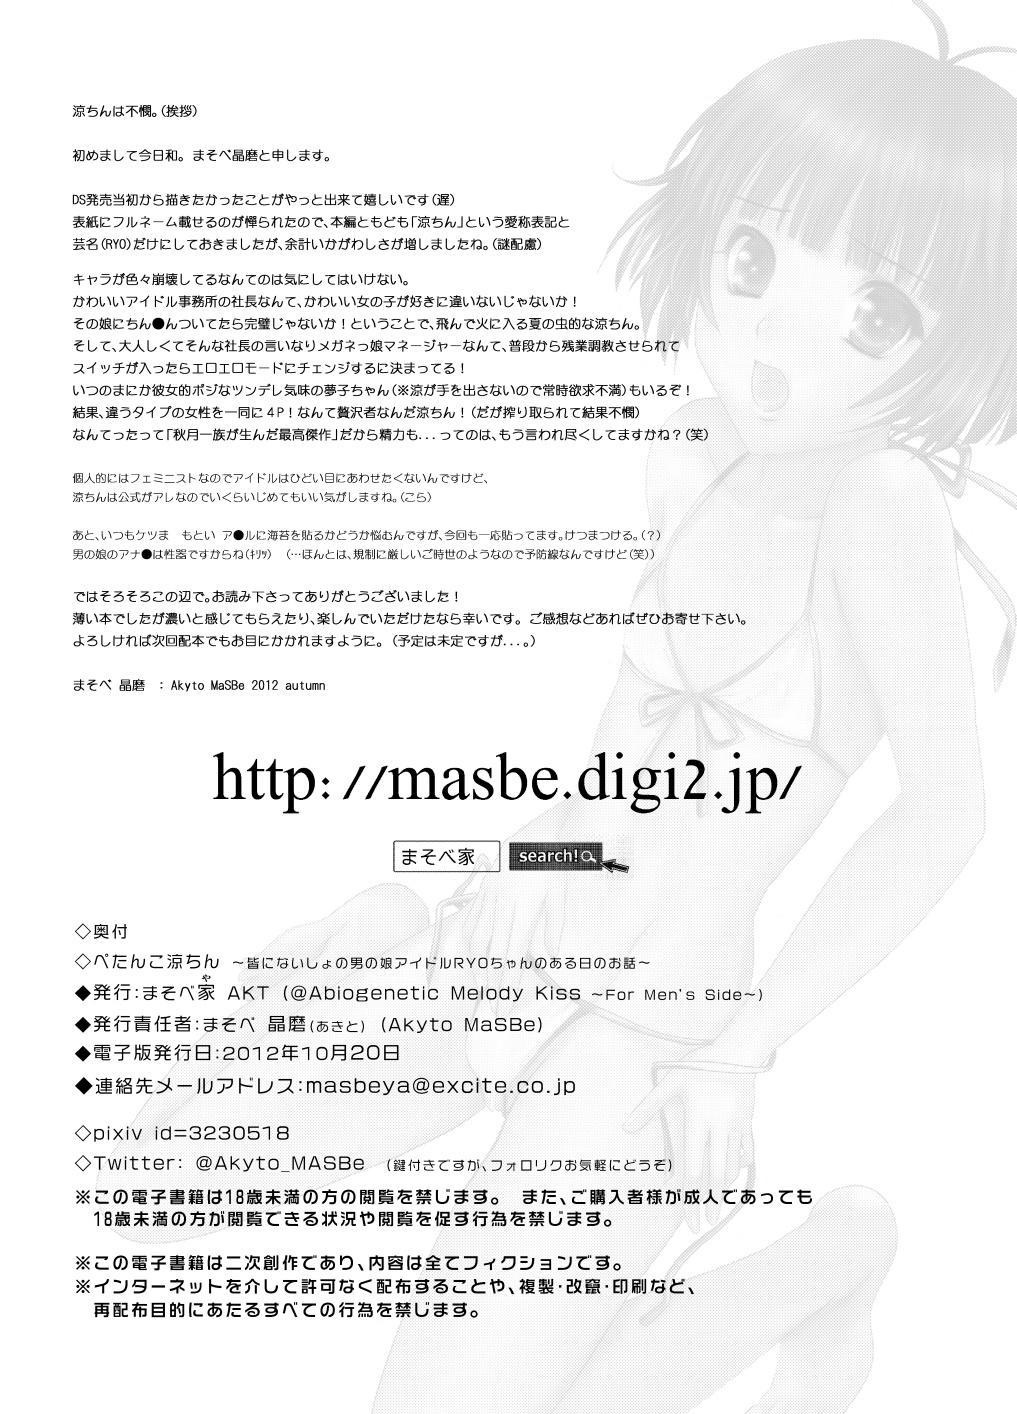 [MaSBeYaAKT (MaSBe Akyto)] Petanko Ryou-chin ~Minna ni Naisho no Otoko no Ko Idol RYO-chan no Aruhi no Ohanashi (THE IDOLM@STER) 19